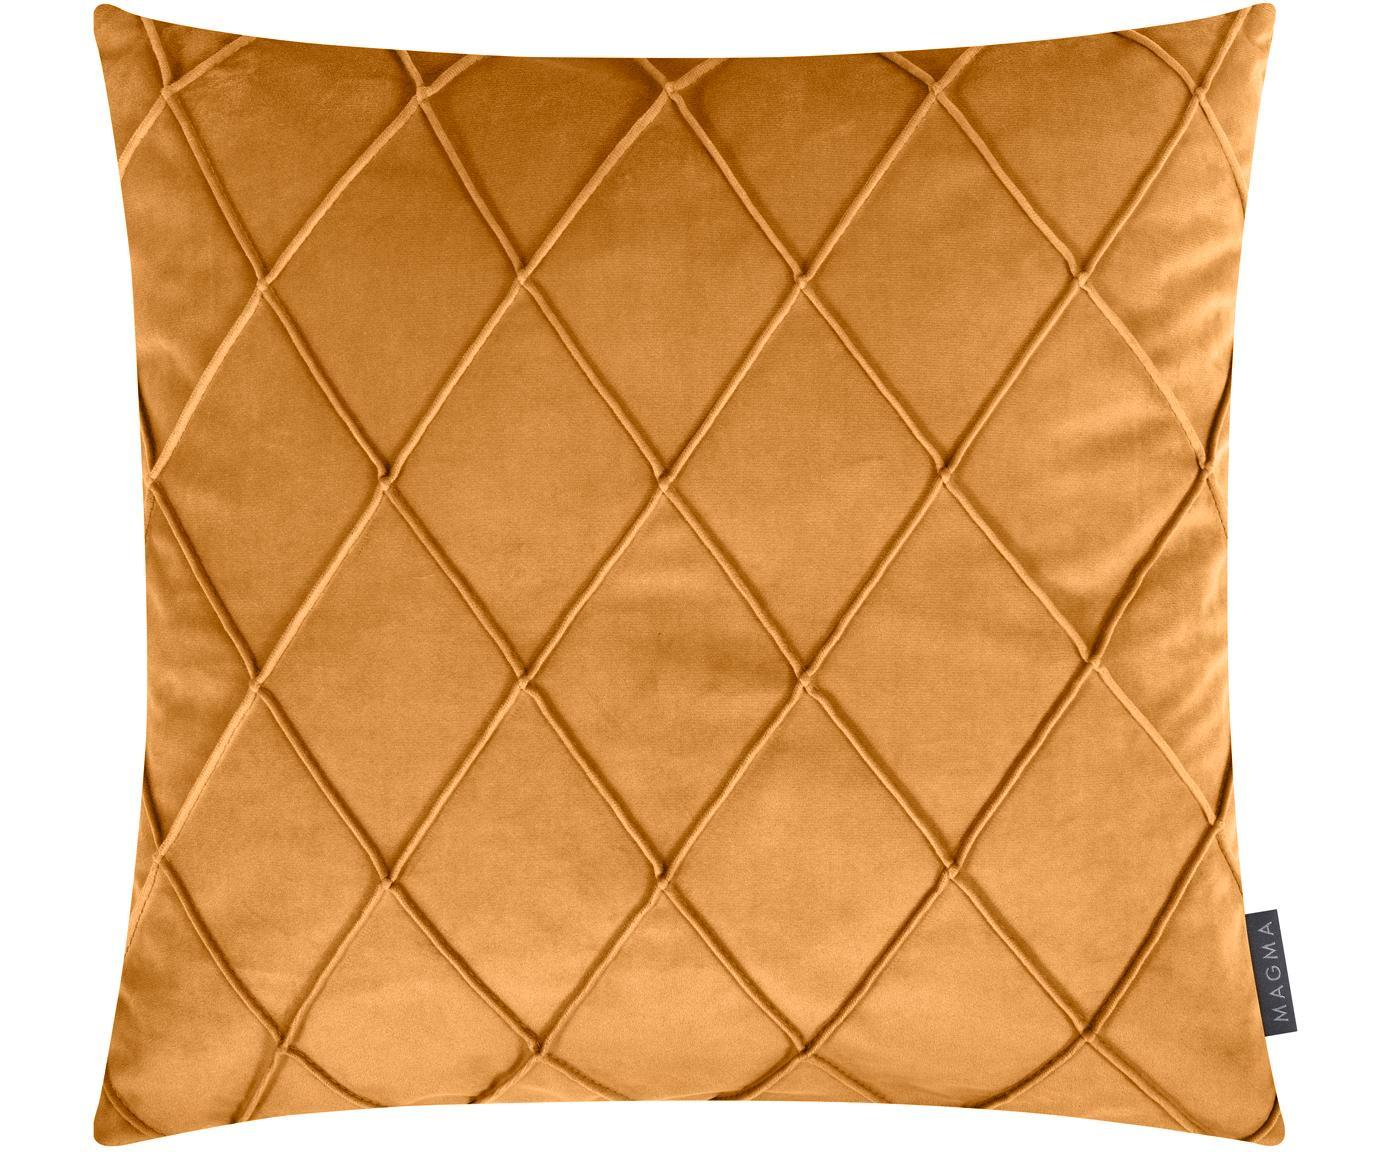 Samt-Kissenhülle Nobless mit erhabenem Rautenmuster, 100% Polyestersamt, Gelb, 50 x 50 cm